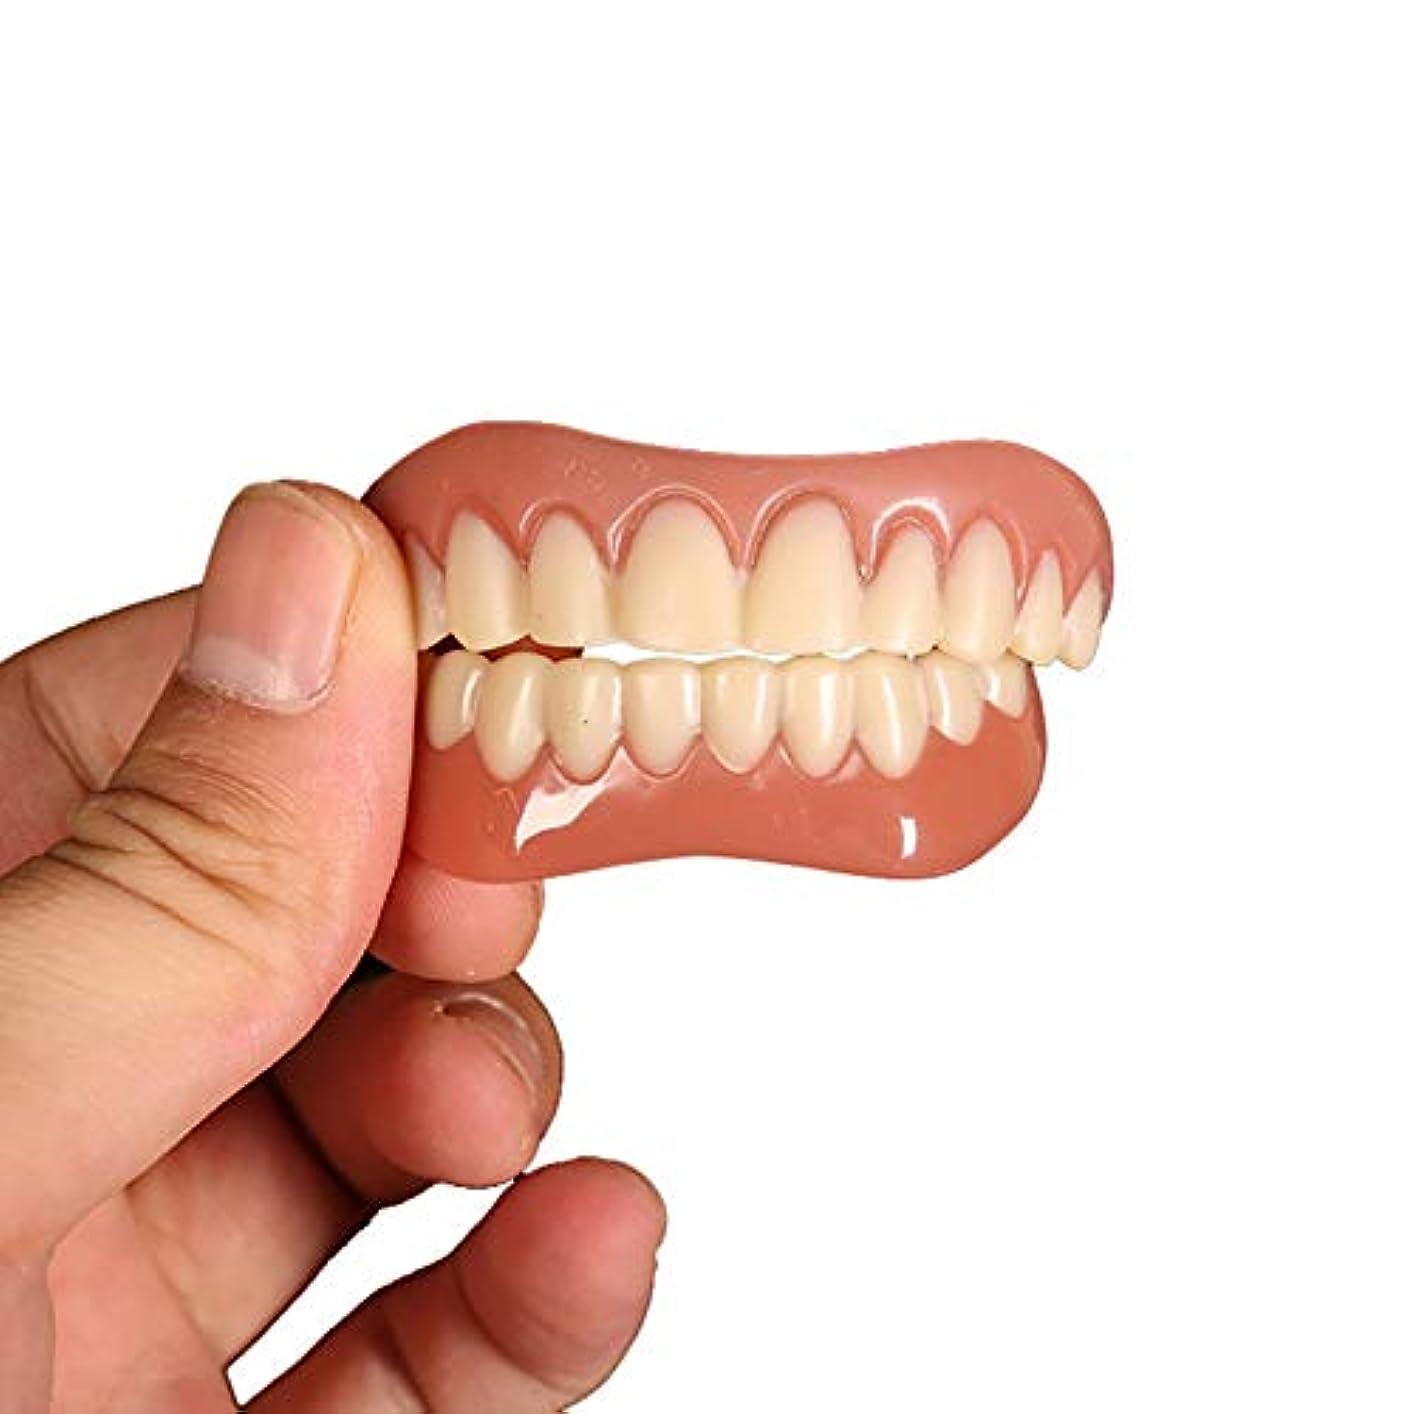 セラフ最初は塗抹2対歯科用ベニア快適なフィット歯のトップとボトム化粧品のベニヤワンサイズフィットすべての義歯接着剤歯偽義歯歯笑顔